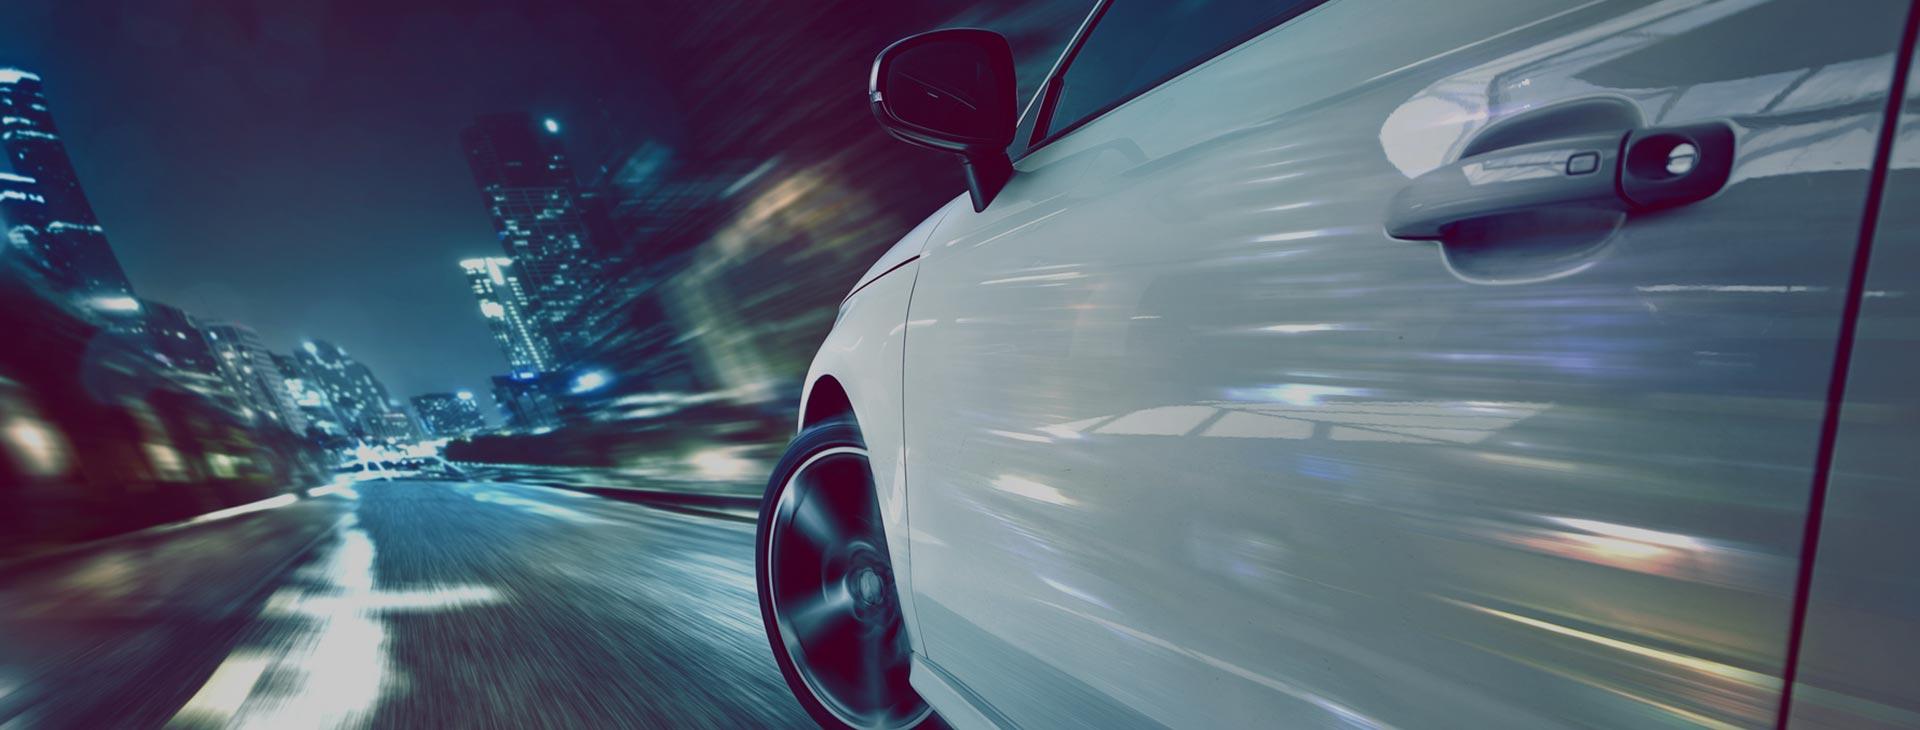 Montaż blokady alkoholowej w samochodach